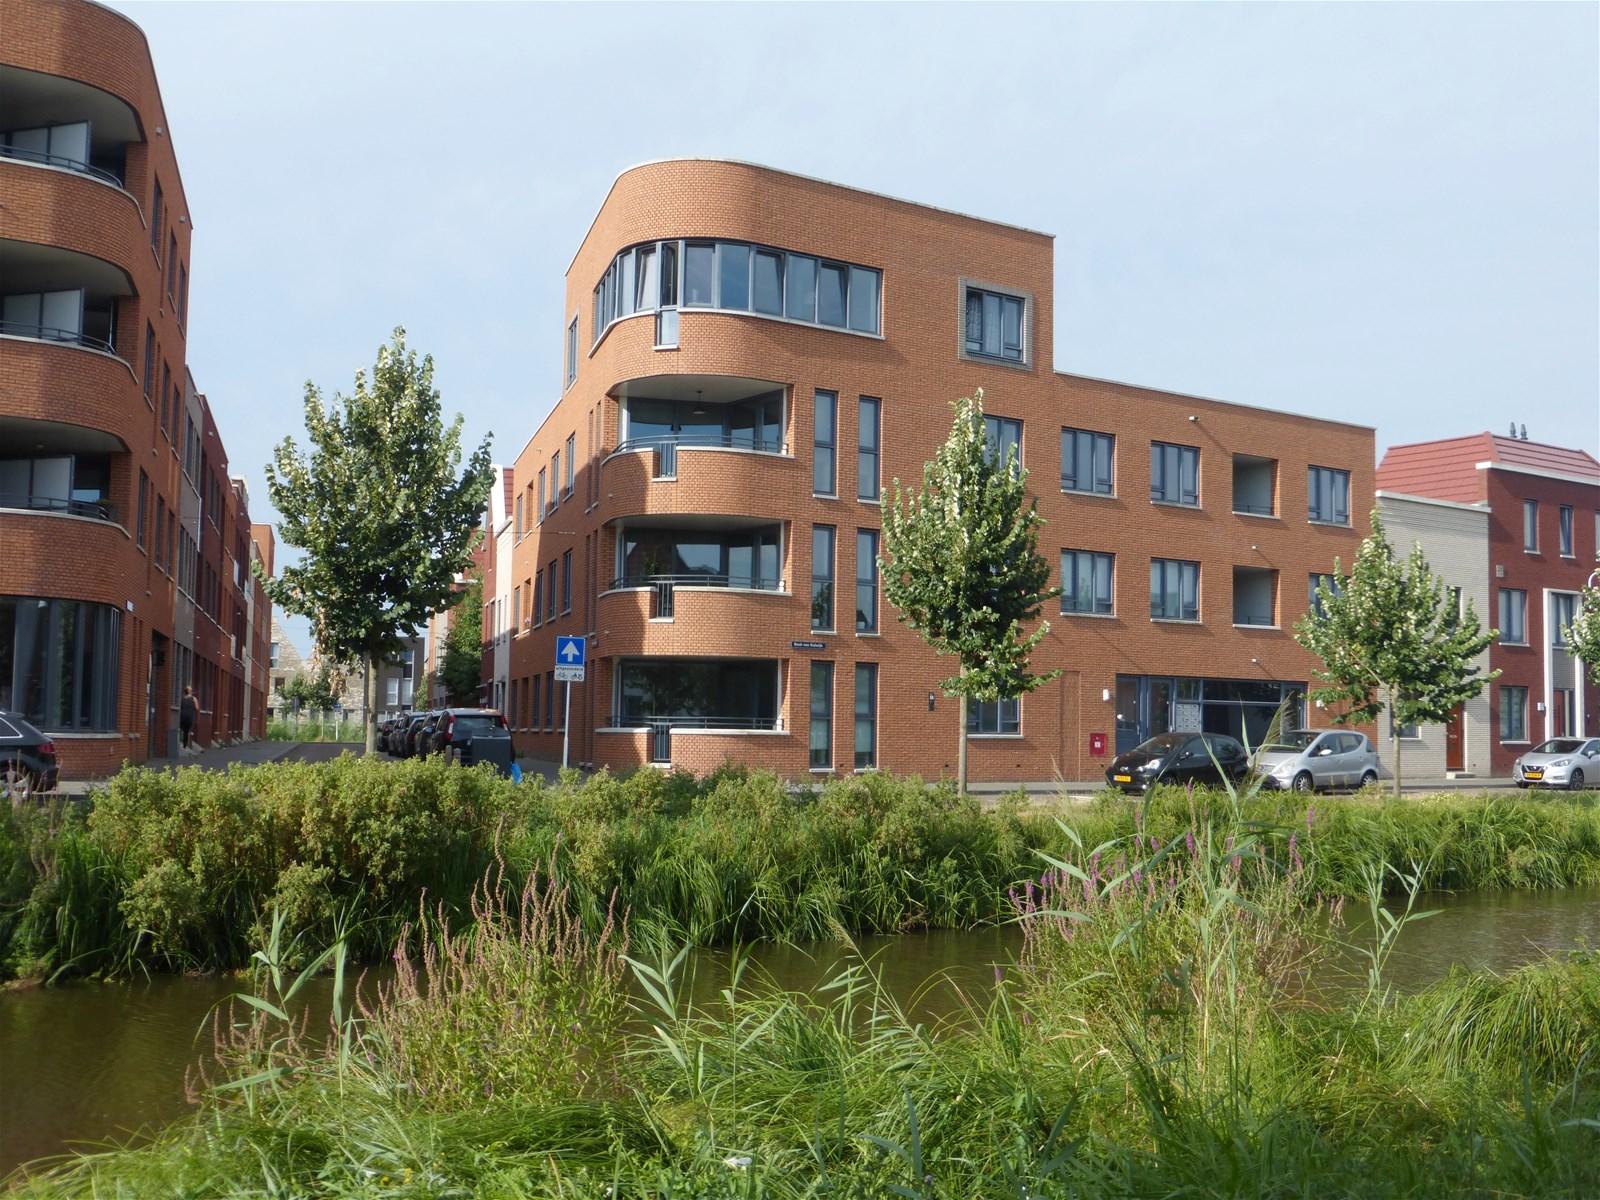 Garage Huren Katwijk : Baak van katwijk 46 amersfoort vathorst woonvast makelaars